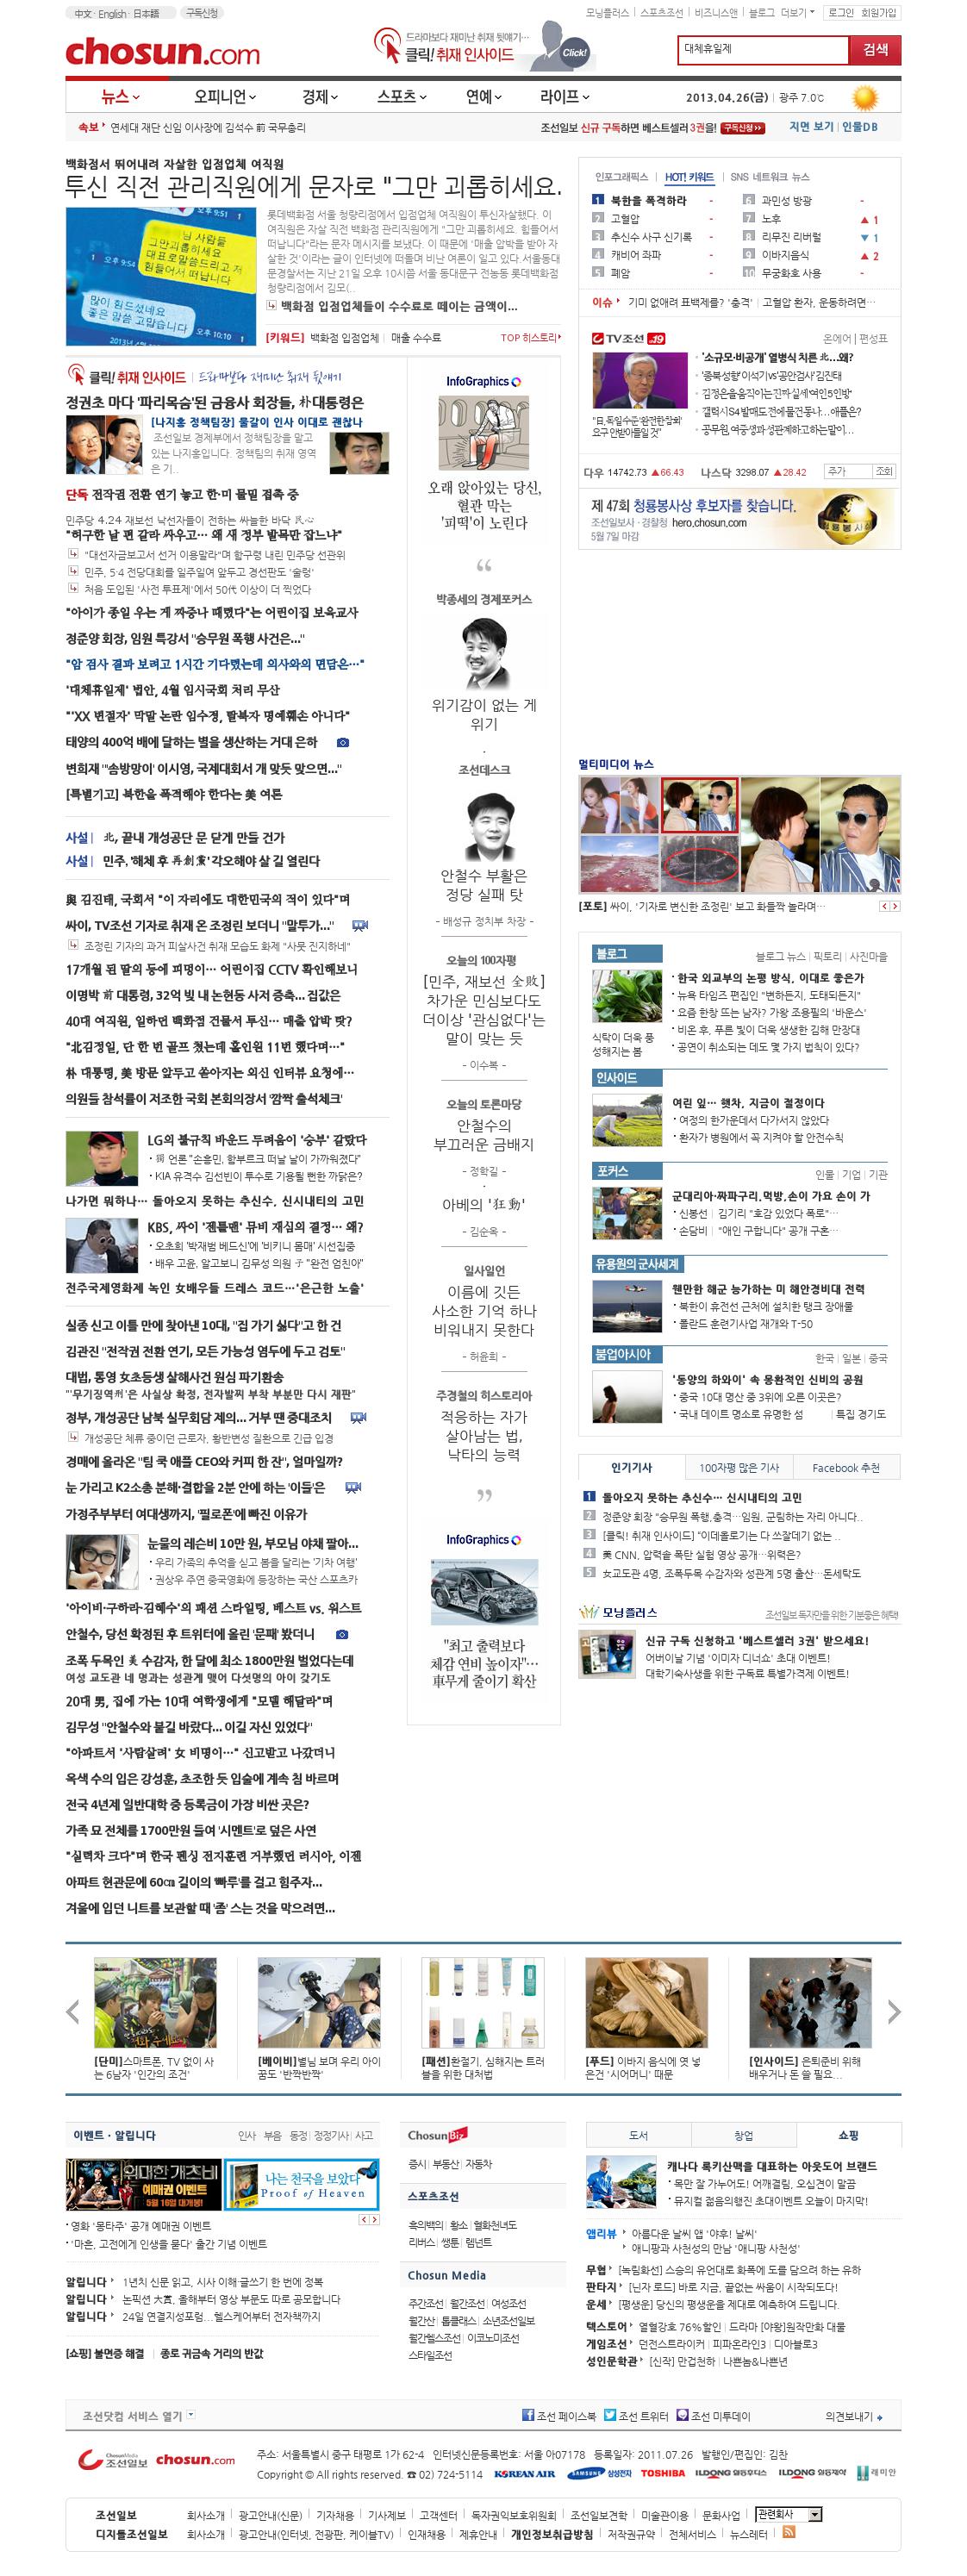 chosun.com at Thursday April 25, 2013, 7:07 p.m. UTC